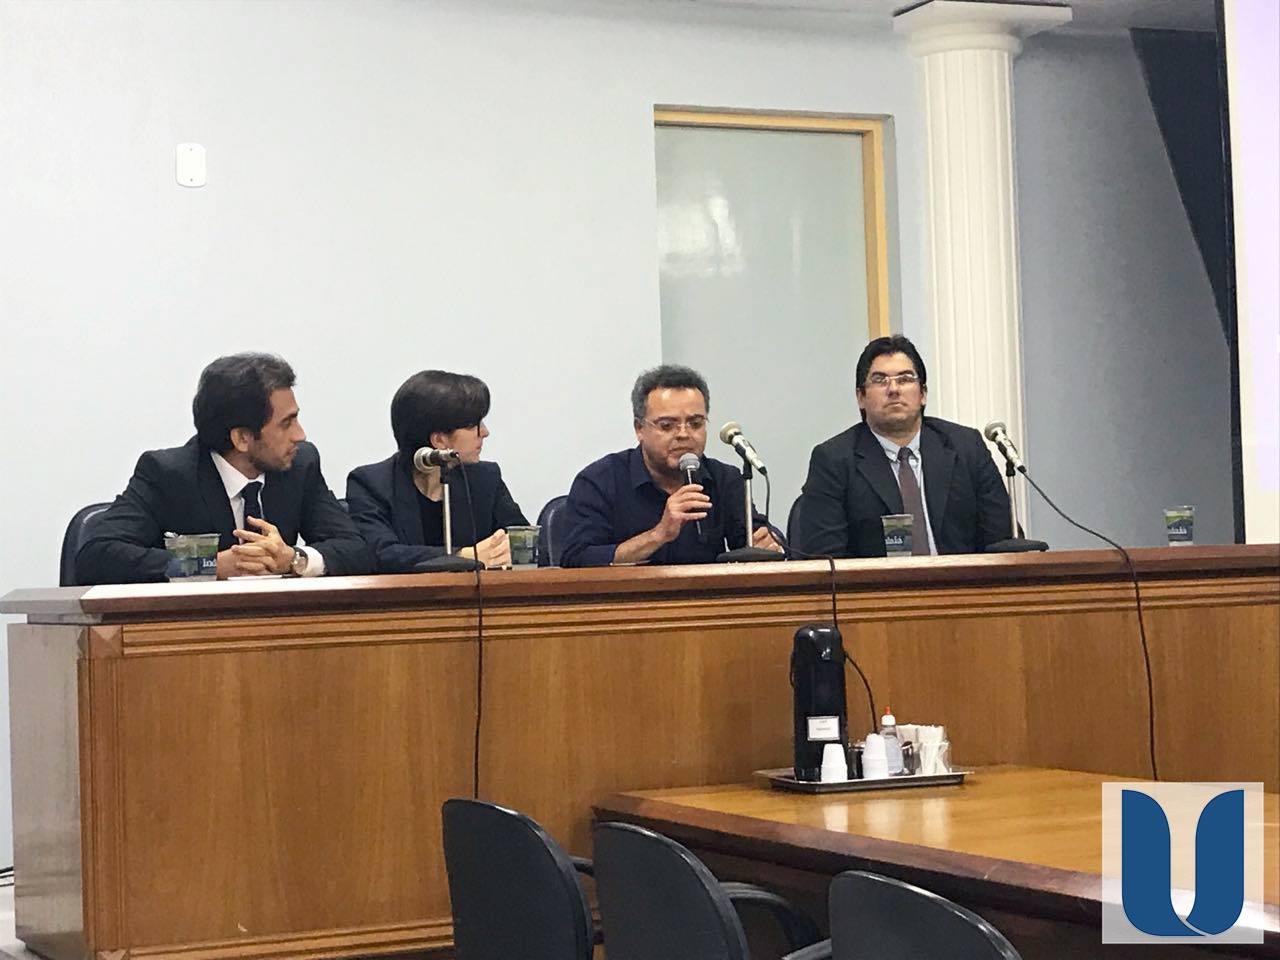 Unichristus assinou convênio com a Junta Comercial do Estado do Ceará (JUCEC)